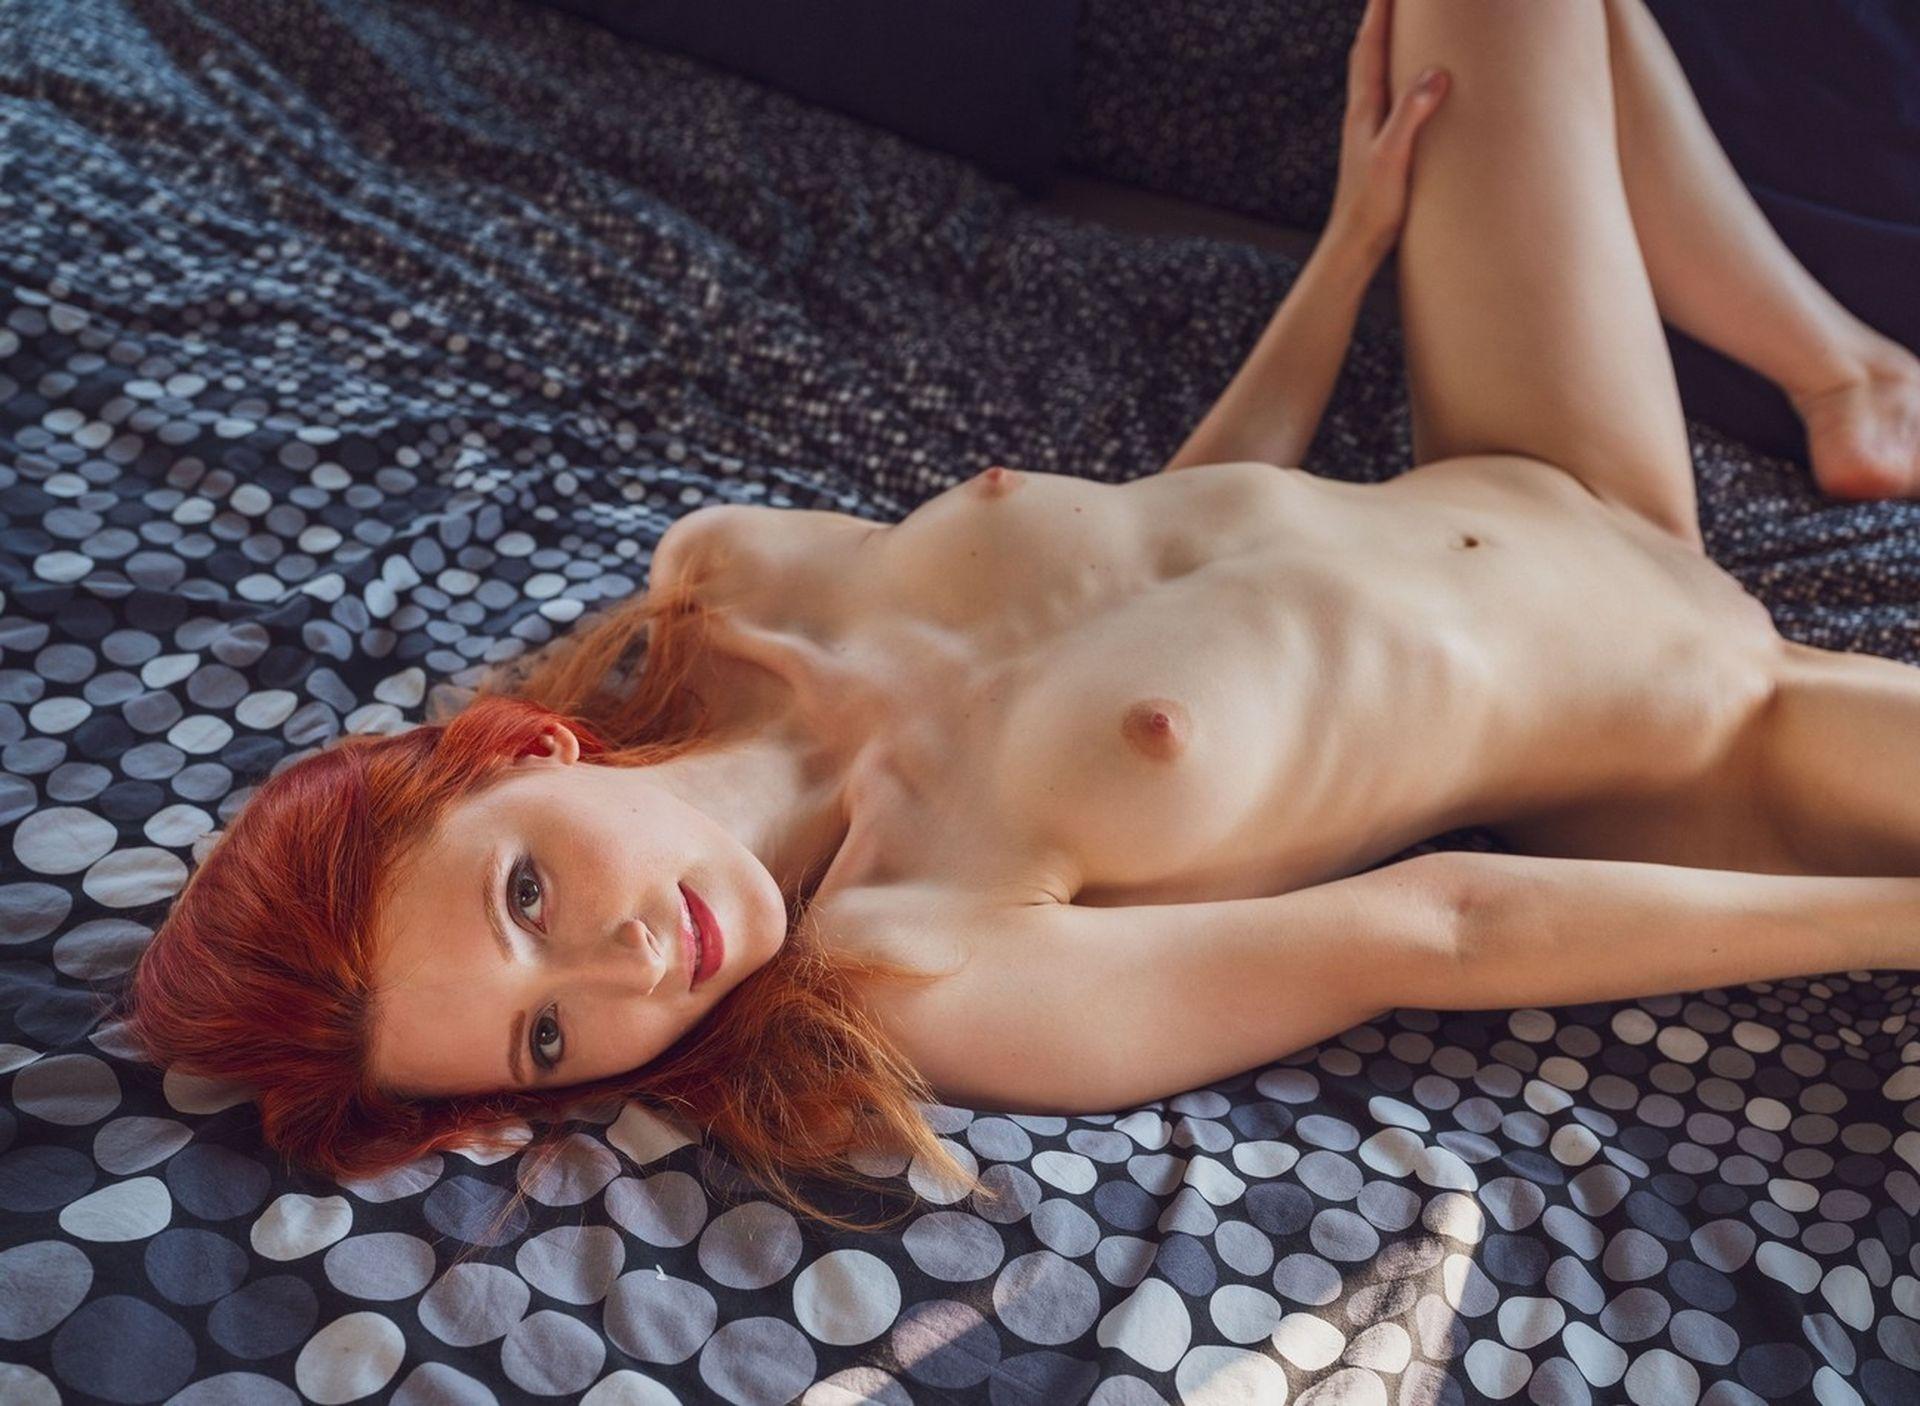 Tiger woods wife elin nordegren nude